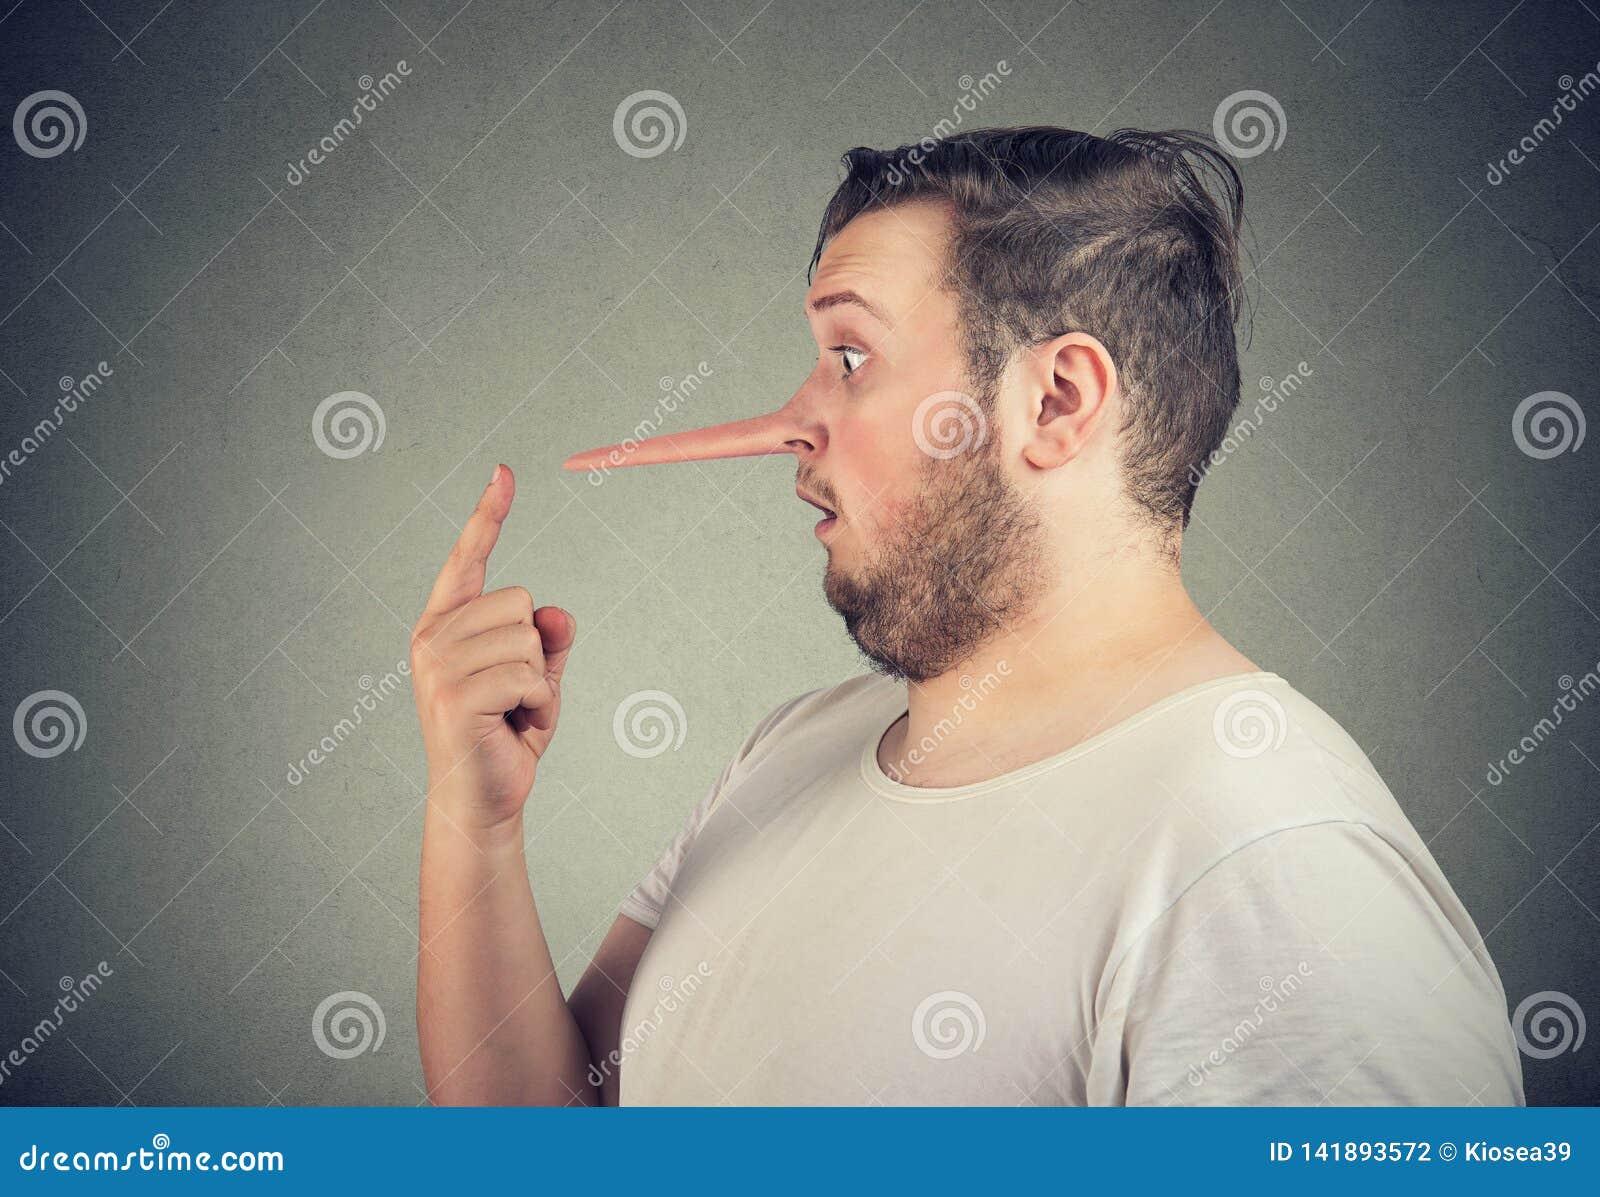 Zijprofiel van een geschokte leugenaarmens met lange neus